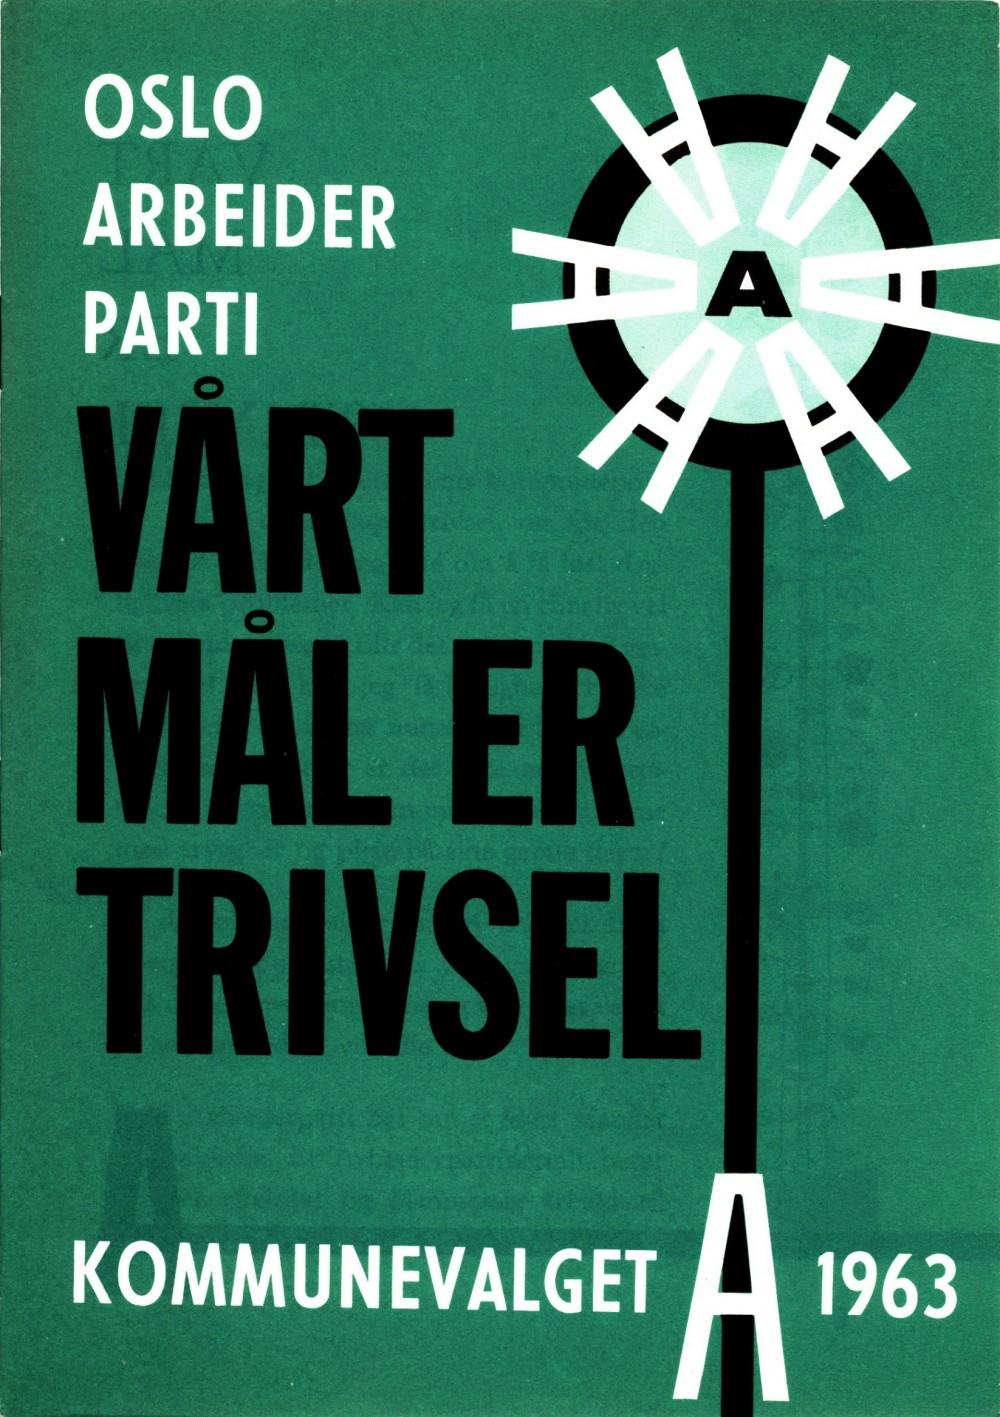 Vårt mål er trivsel - Oslo arbeiderparti - Kommunevalget 1963